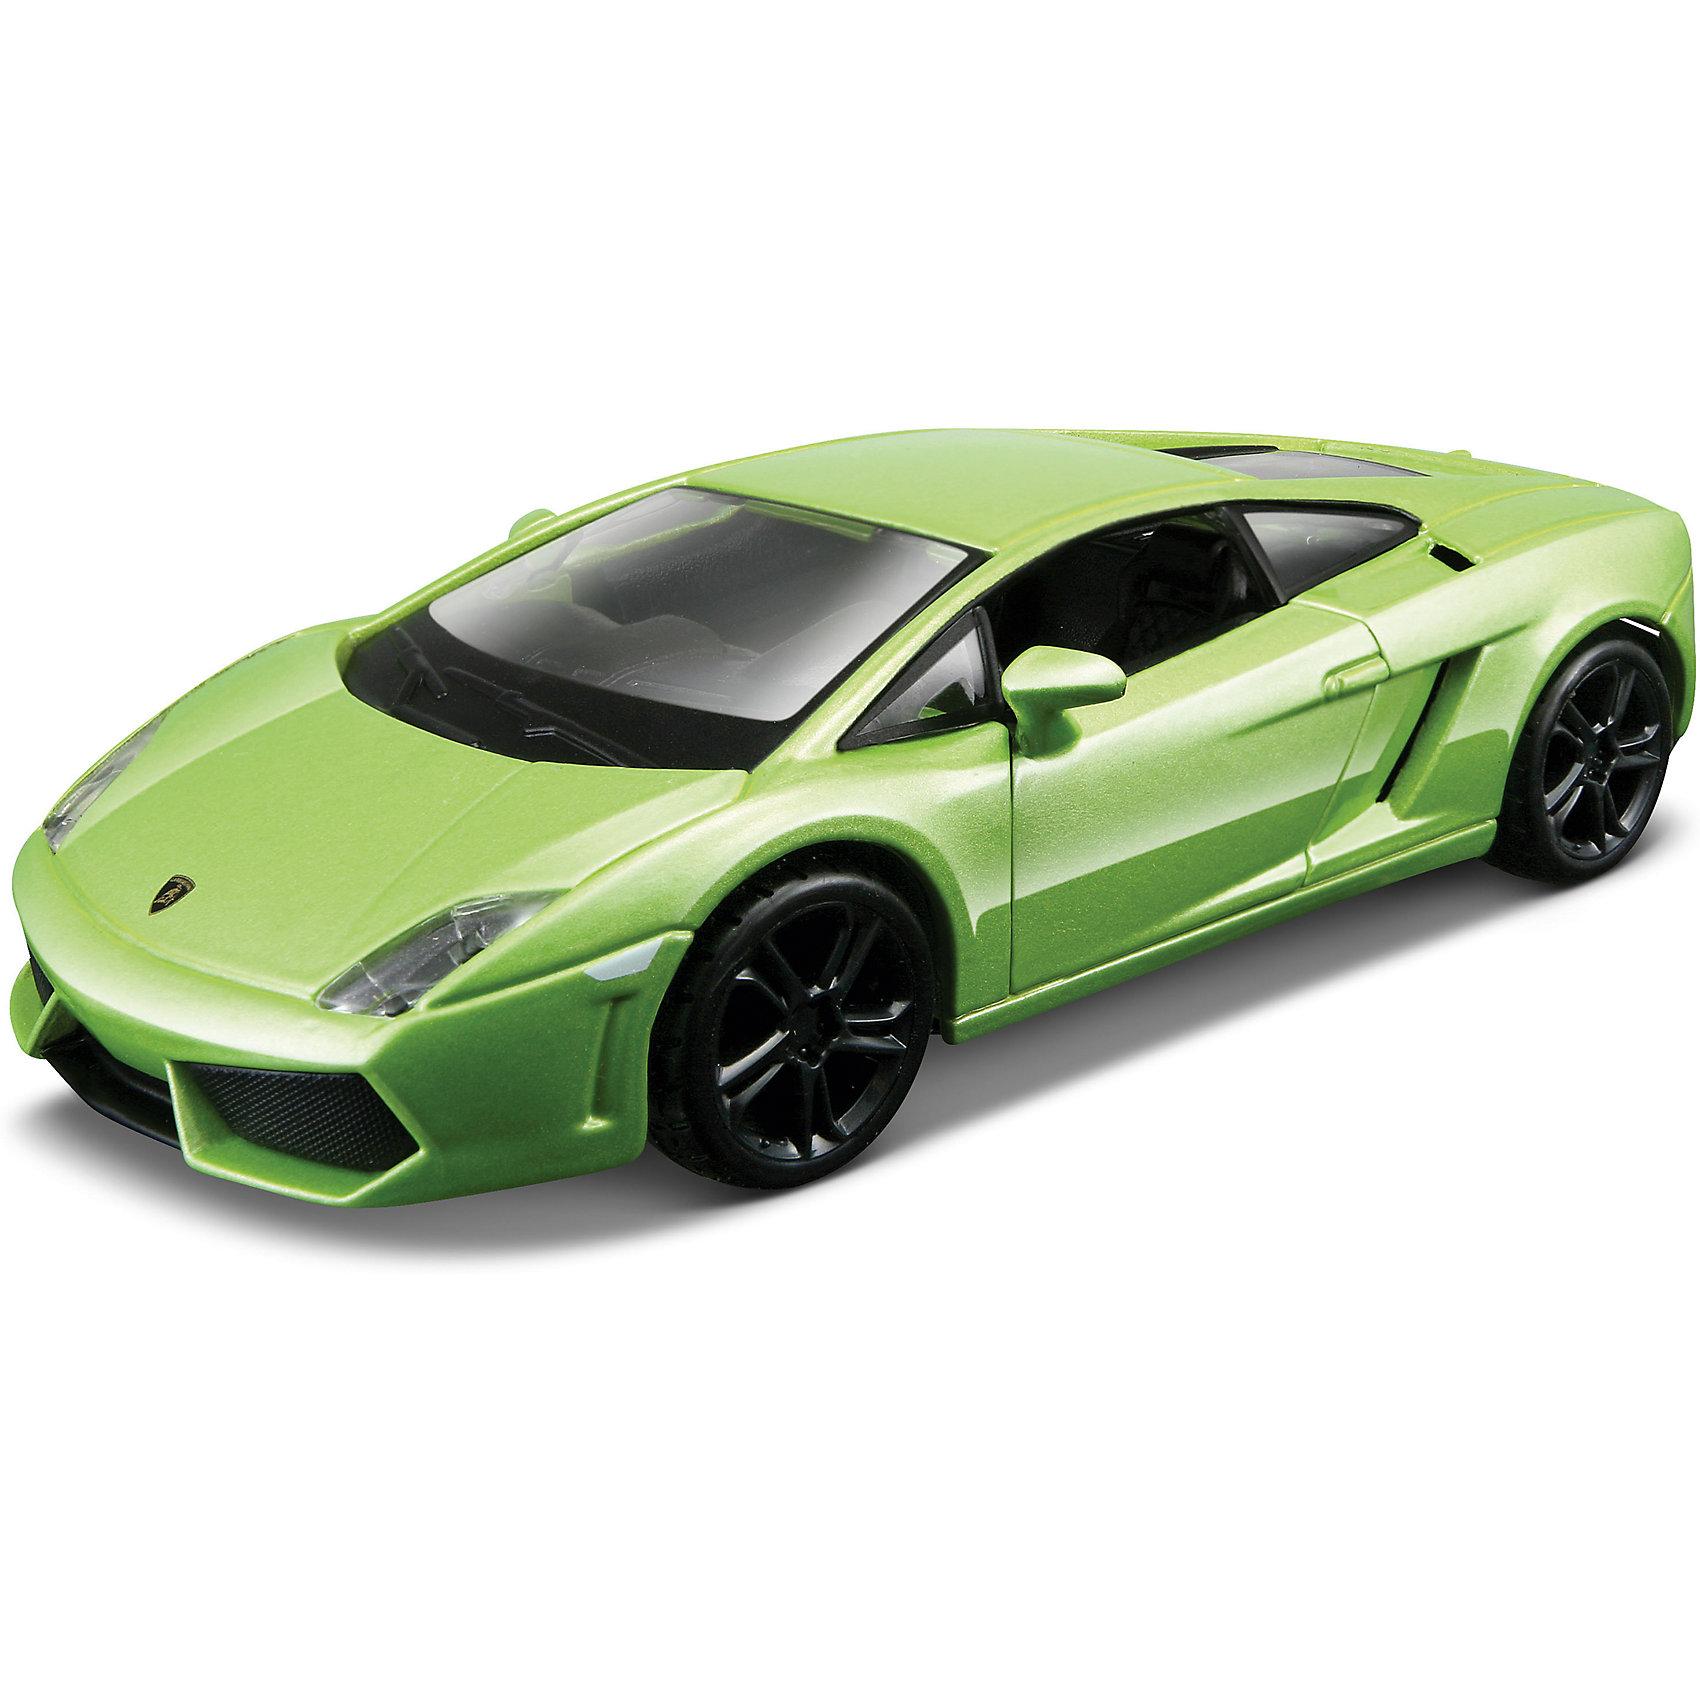 Машина Lamborghini Gallardo, 1:32, зеленая, BburagoМашинки<br>Характеристики:<br><br>• длина машинки: 15 см;<br>• масштаб: 1:32;<br>• материал: металл, пластик;<br>• цвет: зеленый;<br>• размер упаковки: 16,6х7,6х7,8см.<br><br>Коллекционная машинка Lamborghini Gallardo изготовлена из металла, у машинки открываются двери, в салоне просторно и все легко рассмотреть, а за руль можно посадить минифигурку.<br><br>Машину Lamborghini Gallardo, 1:32, зеленую, Bburago можно купить в нашем магазине.<br><br>Ширина мм: 270<br>Глубина мм: 230<br>Высота мм: 90<br>Вес г: 245<br>Возраст от месяцев: 48<br>Возраст до месяцев: 2147483647<br>Пол: Мужской<br>Возраст: Детский<br>SKU: 5284956